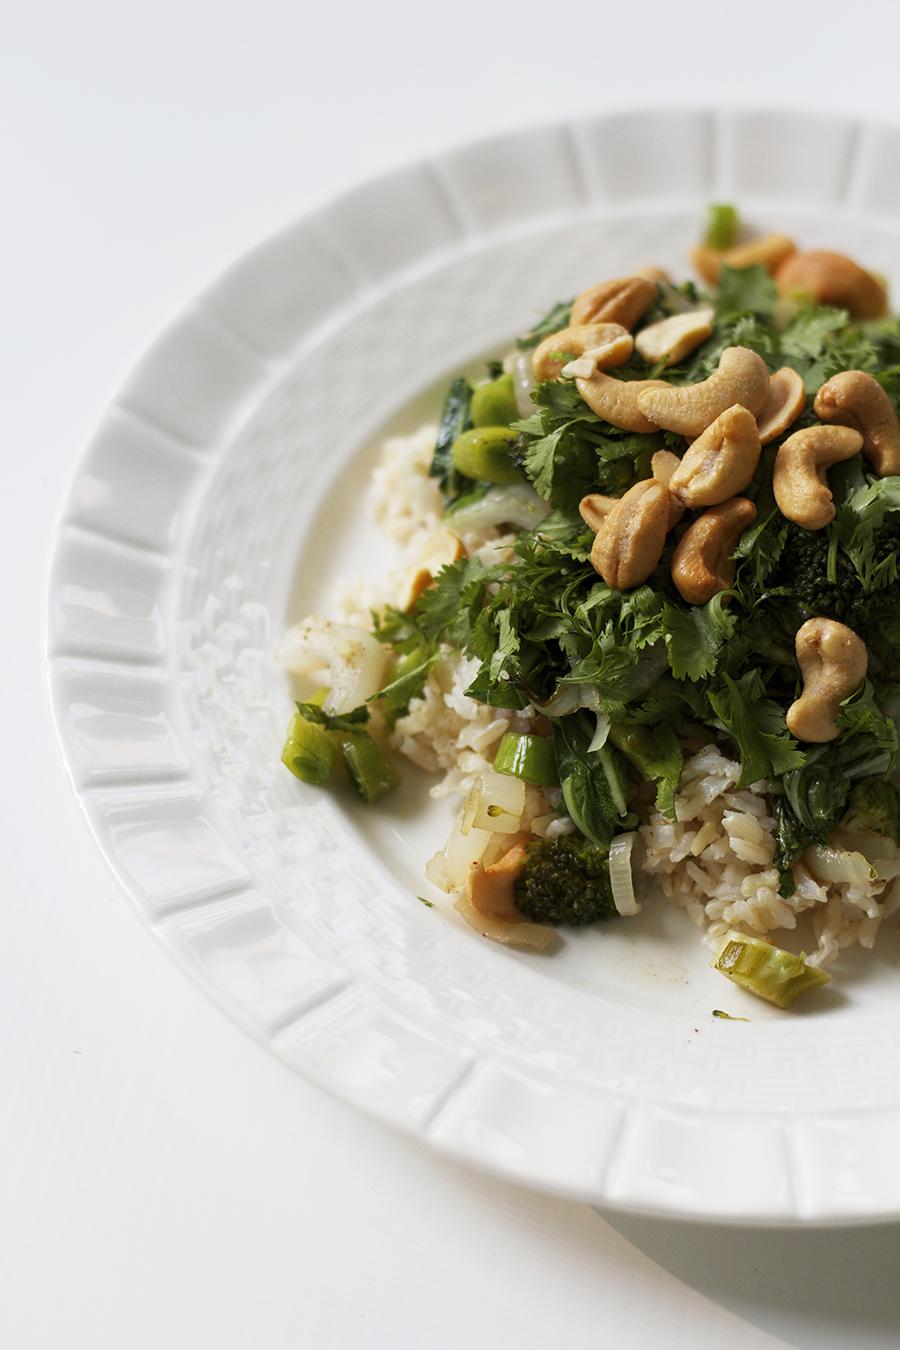 Bok Choy & Broccoli Stir Fry